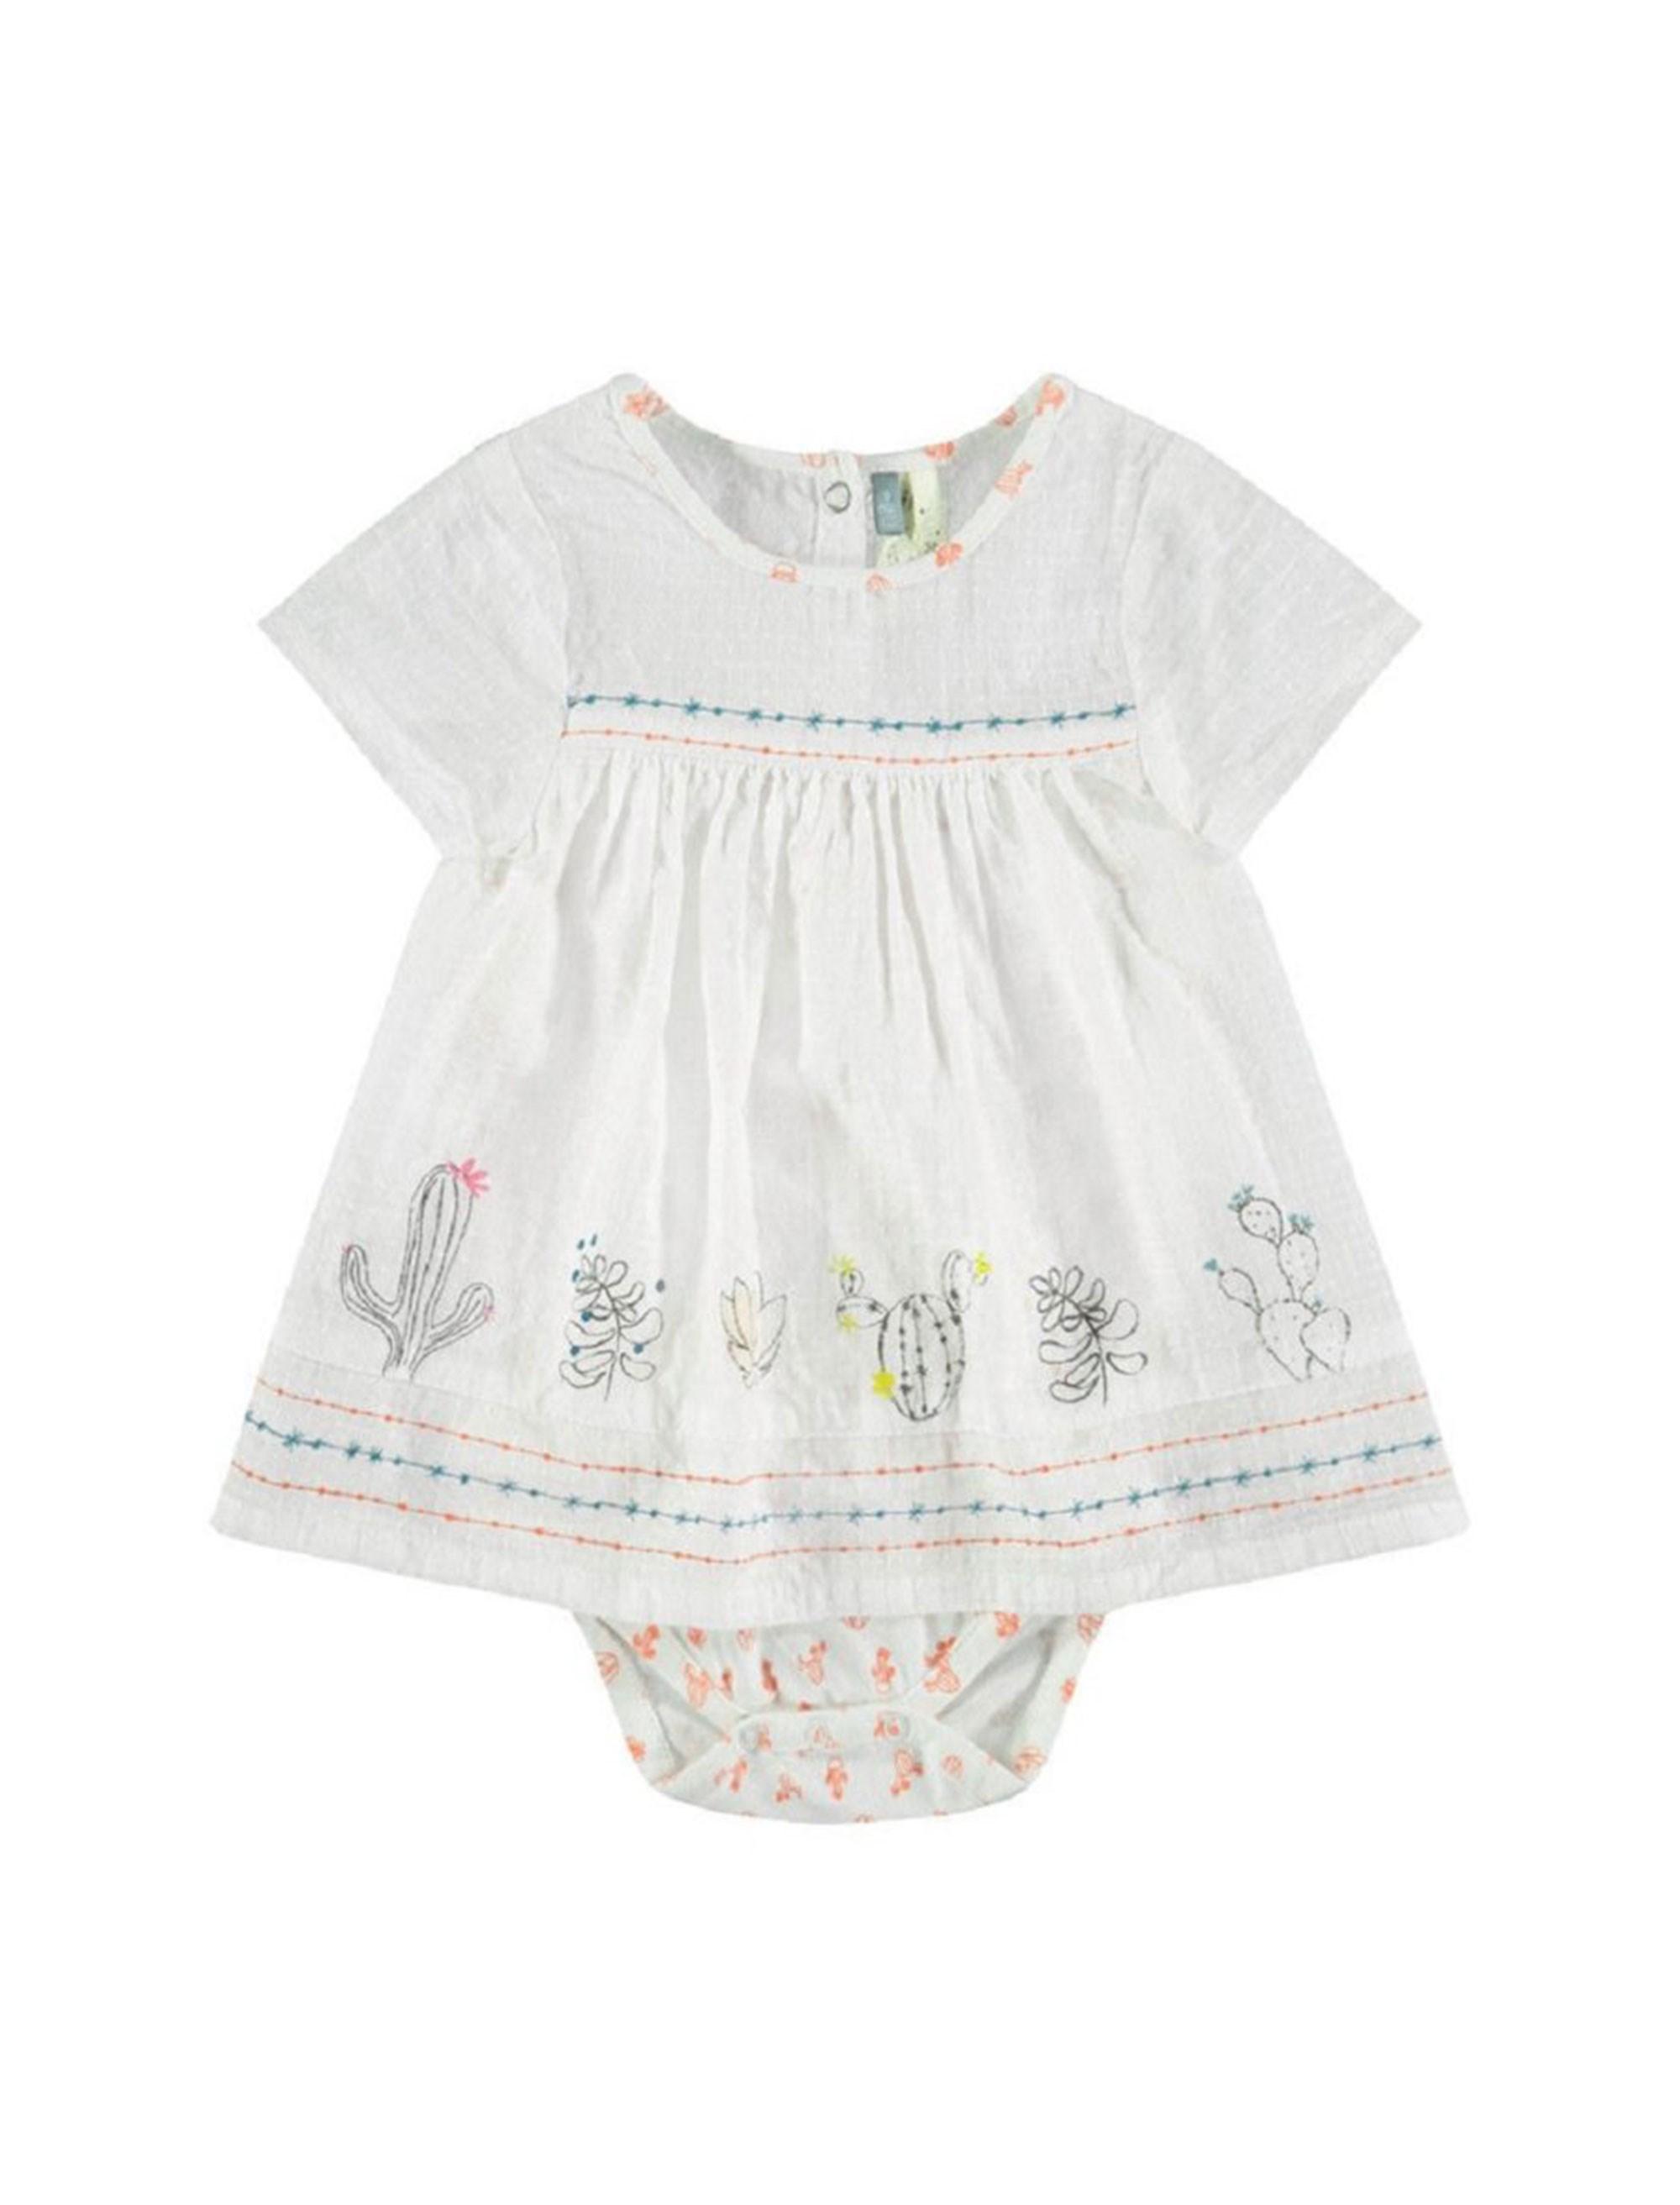 پیراهن و شورت نوزادی دخترانه - ارکسترا - سفيد - 1